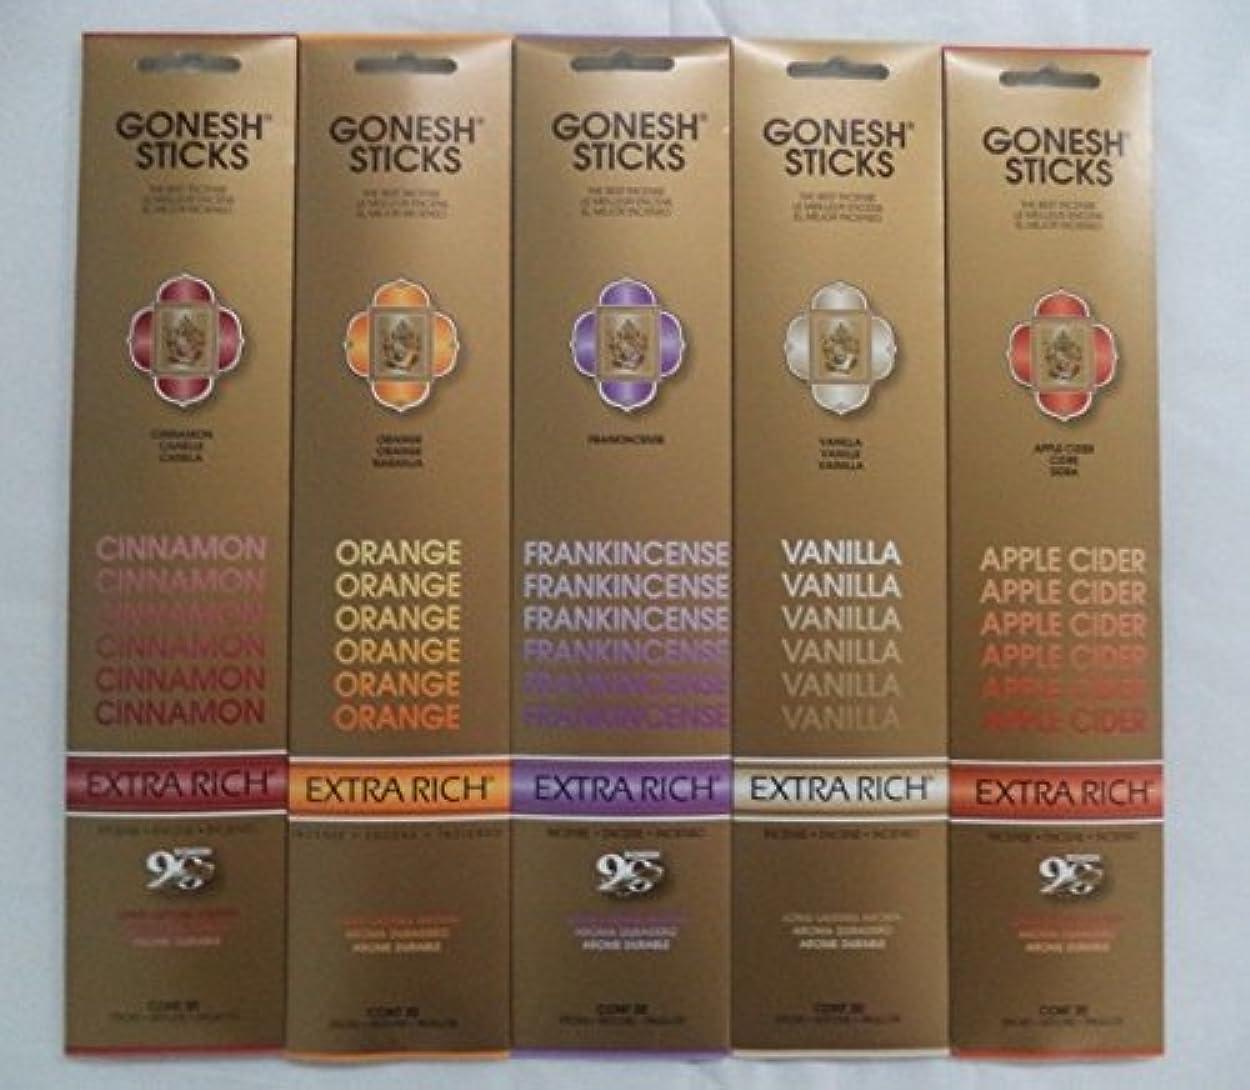 カップ分離する前任者Gonesh IncenseクリスマスHoliday Best Seller Variety Set # 1 5 x 20 = 100 Sticks